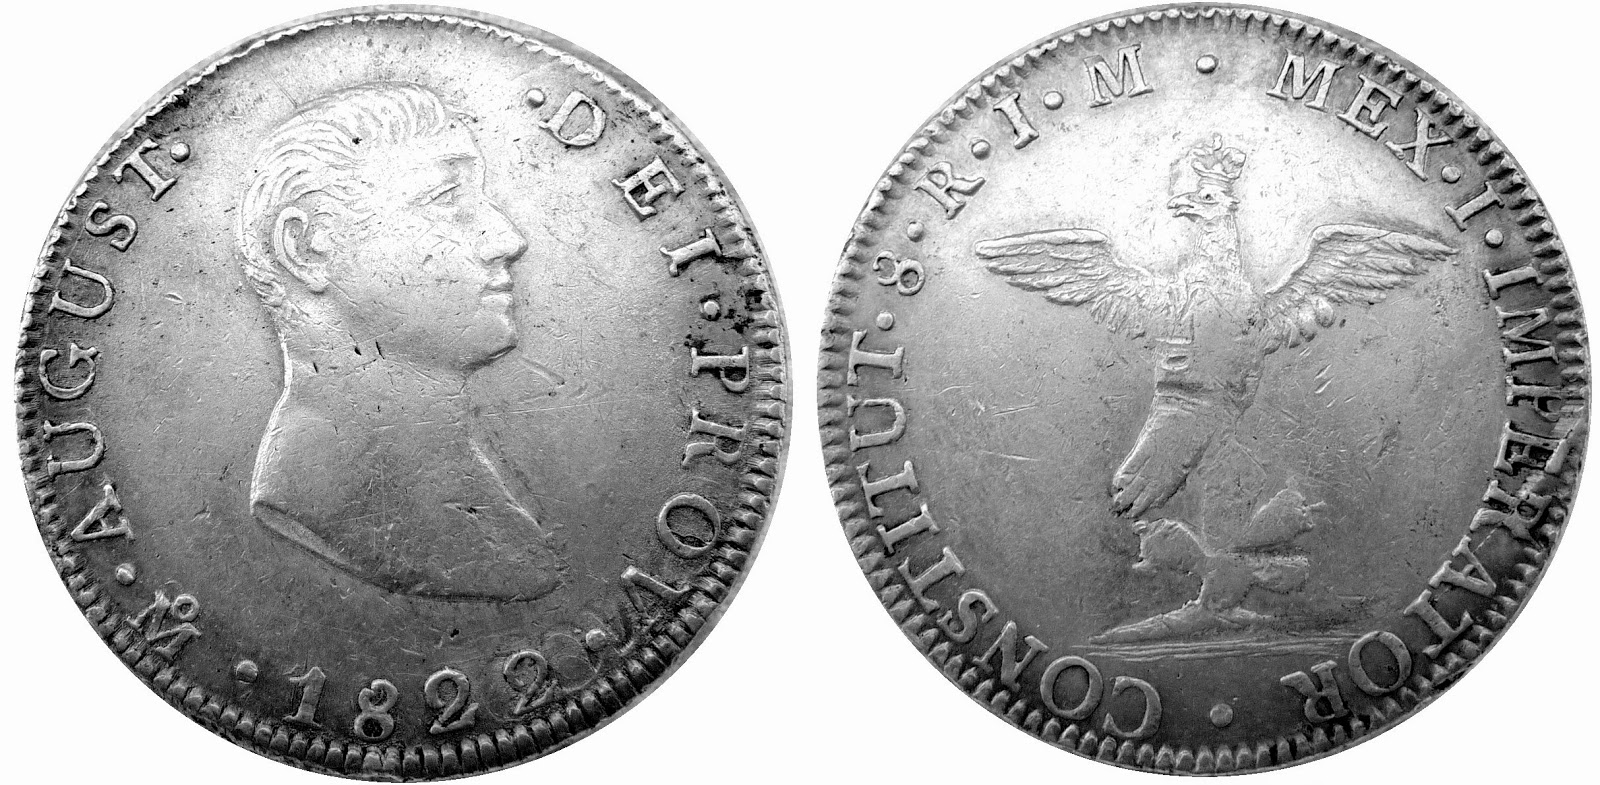 Las monedas y su historia: abril 2014